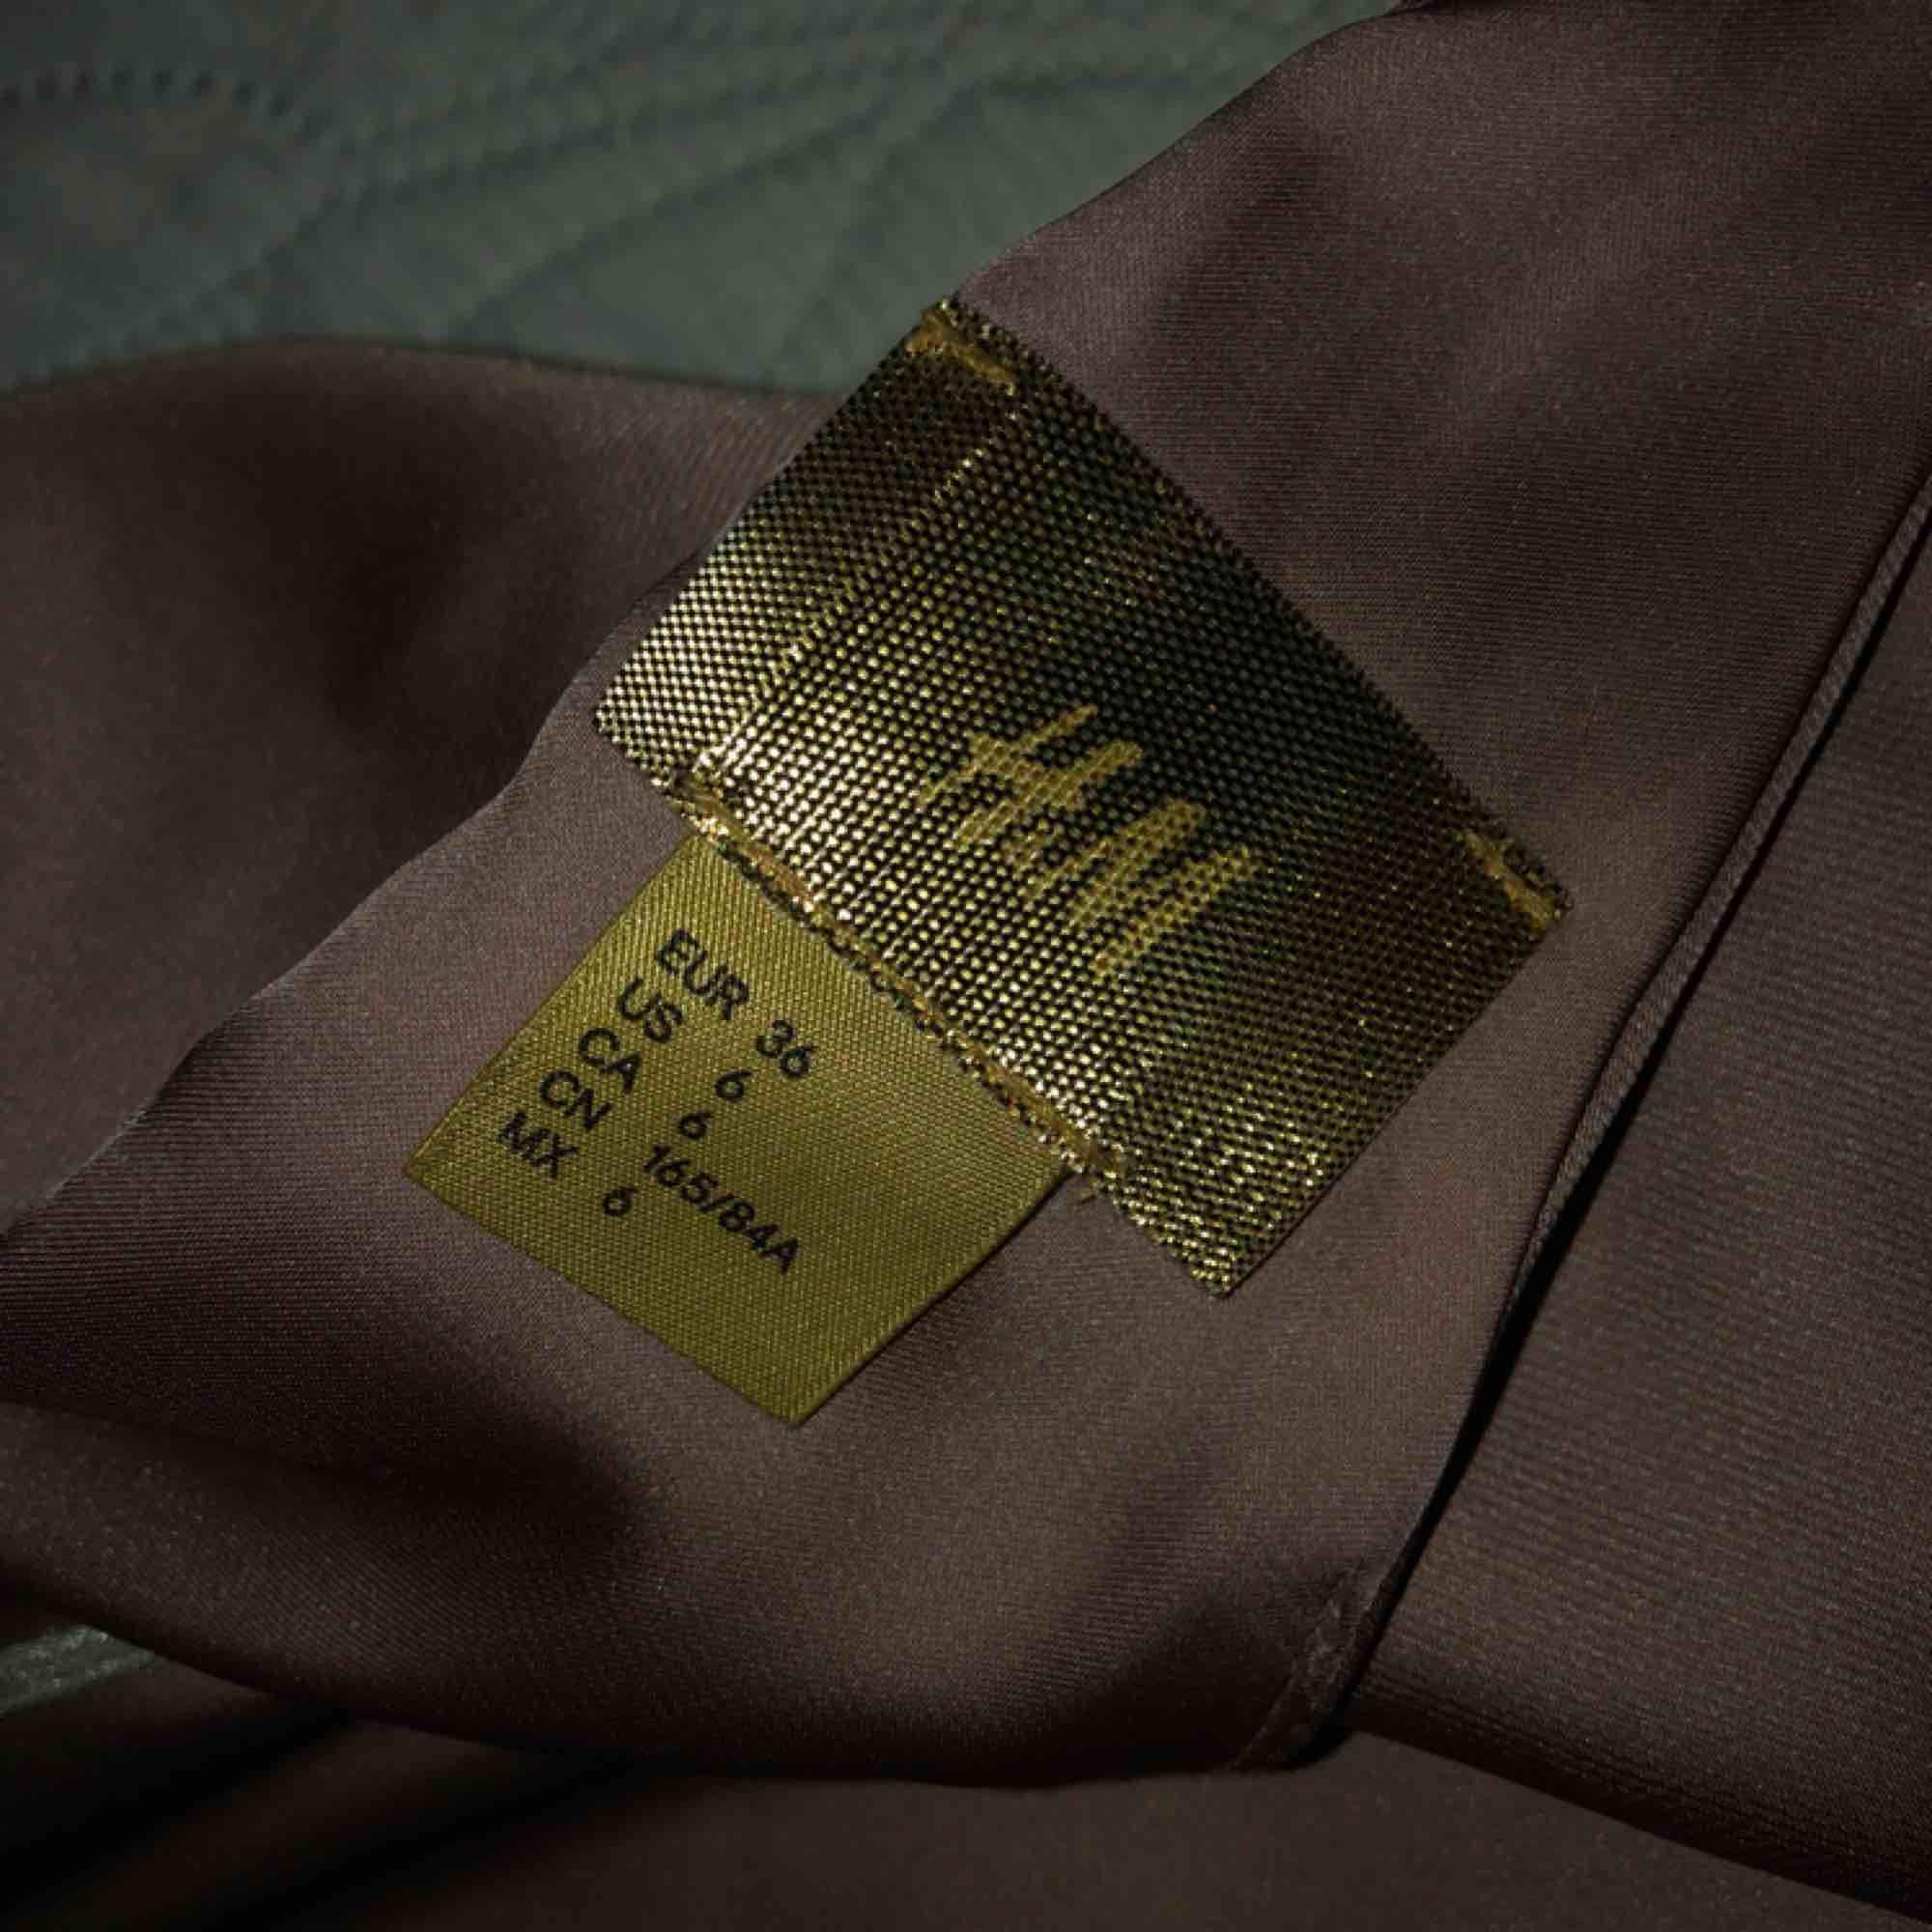 Endast använd 1 gång, som ny! Jätte snygg på med volang i ärmen och baktill (uringad) i silkes material! Priset är prutat och klart, 150kr + frakt!. Klänningar.